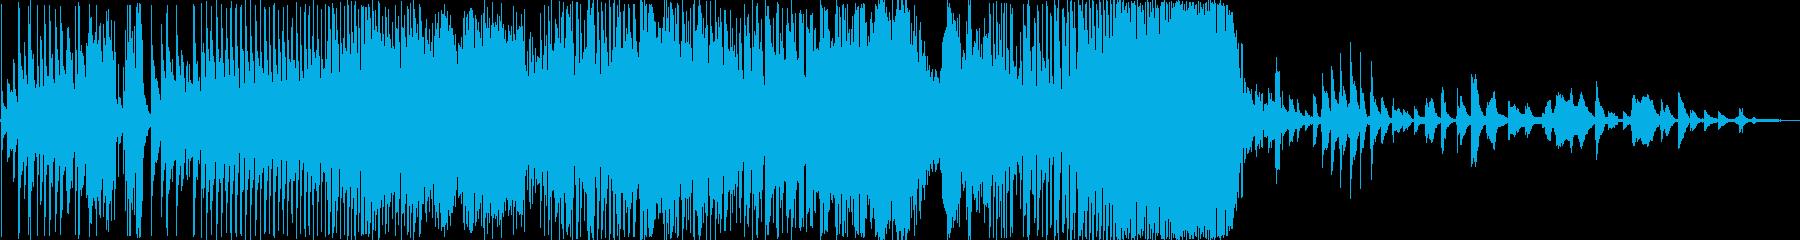 エスニック。民族トリオでの自由な表現。の再生済みの波形